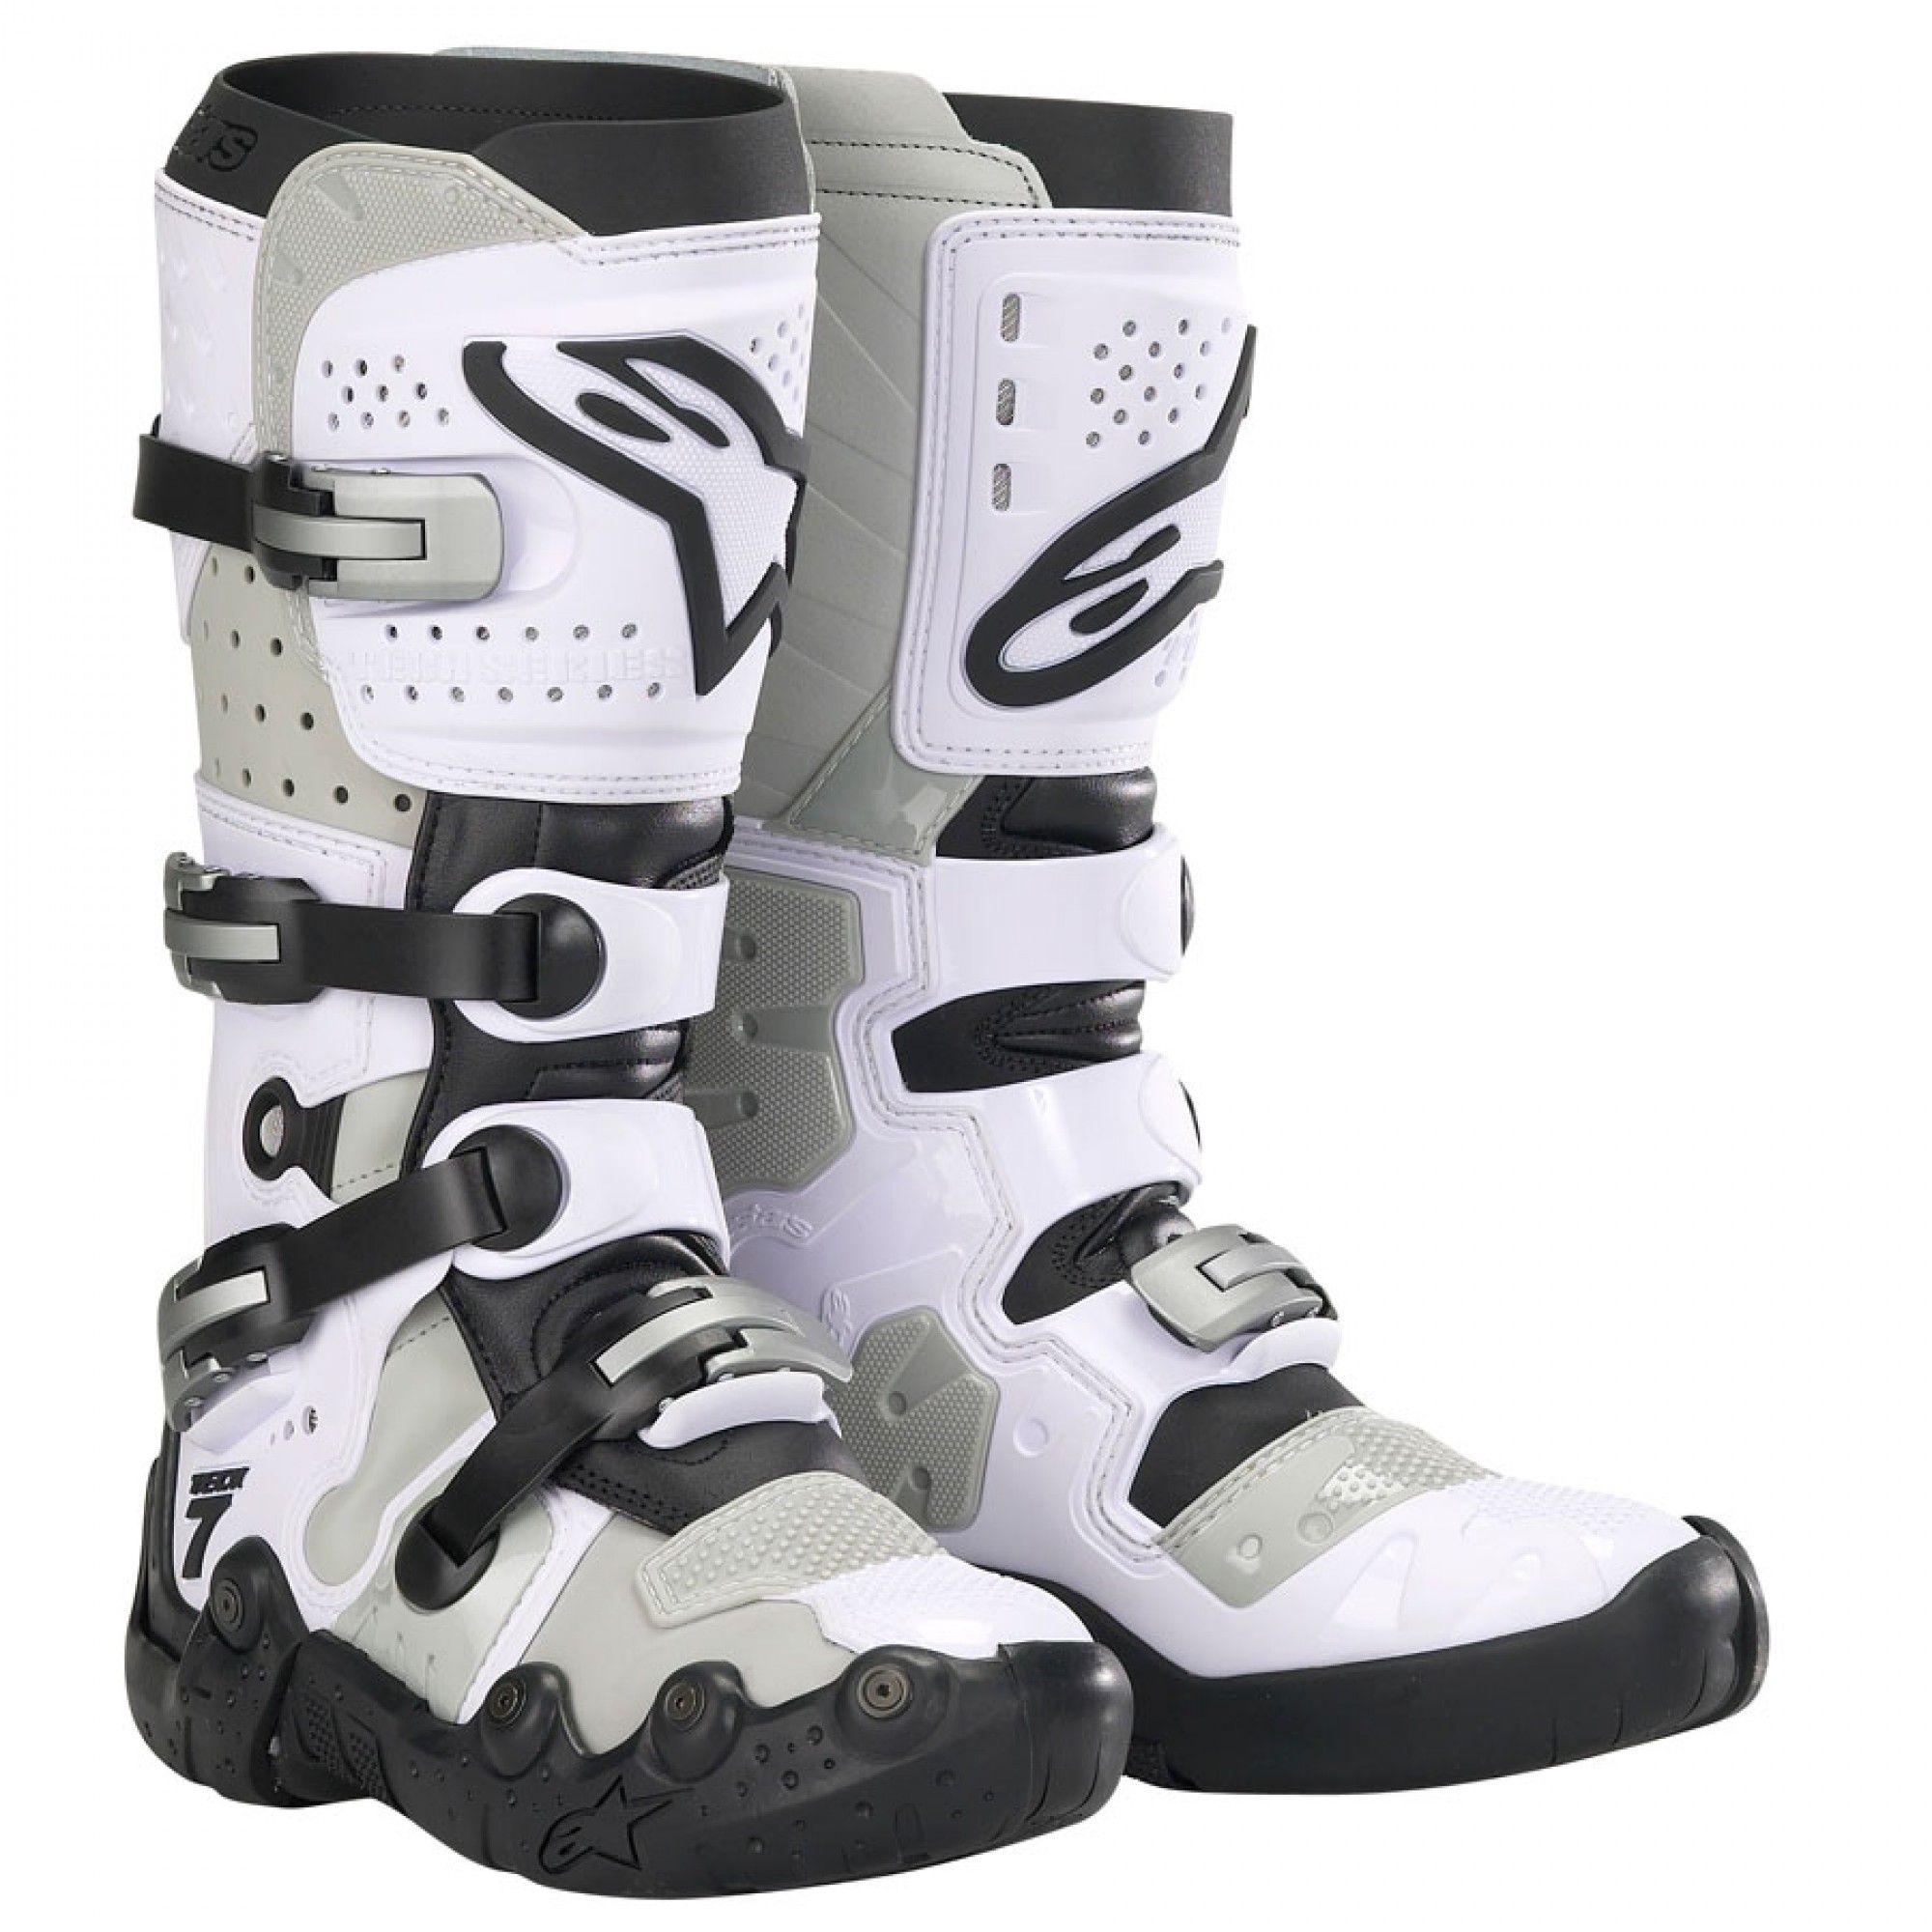 Alpinestars Tech 7 Supermoto Boots